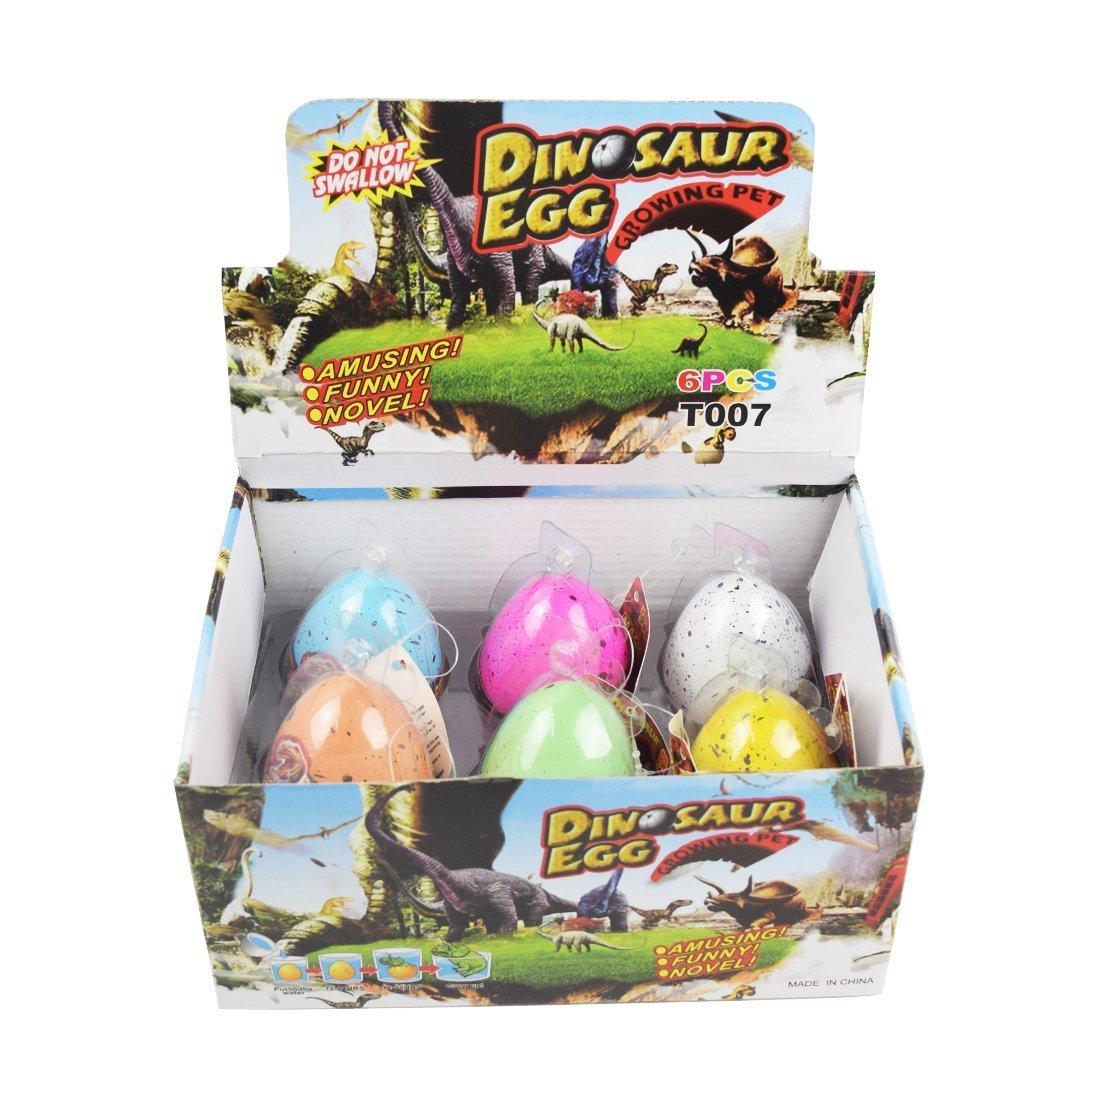 Yeelan Hatching Dino Dinosaur Dragon Hatch-Grow Eggs Large Size Pack of 3PCS,colorful crack